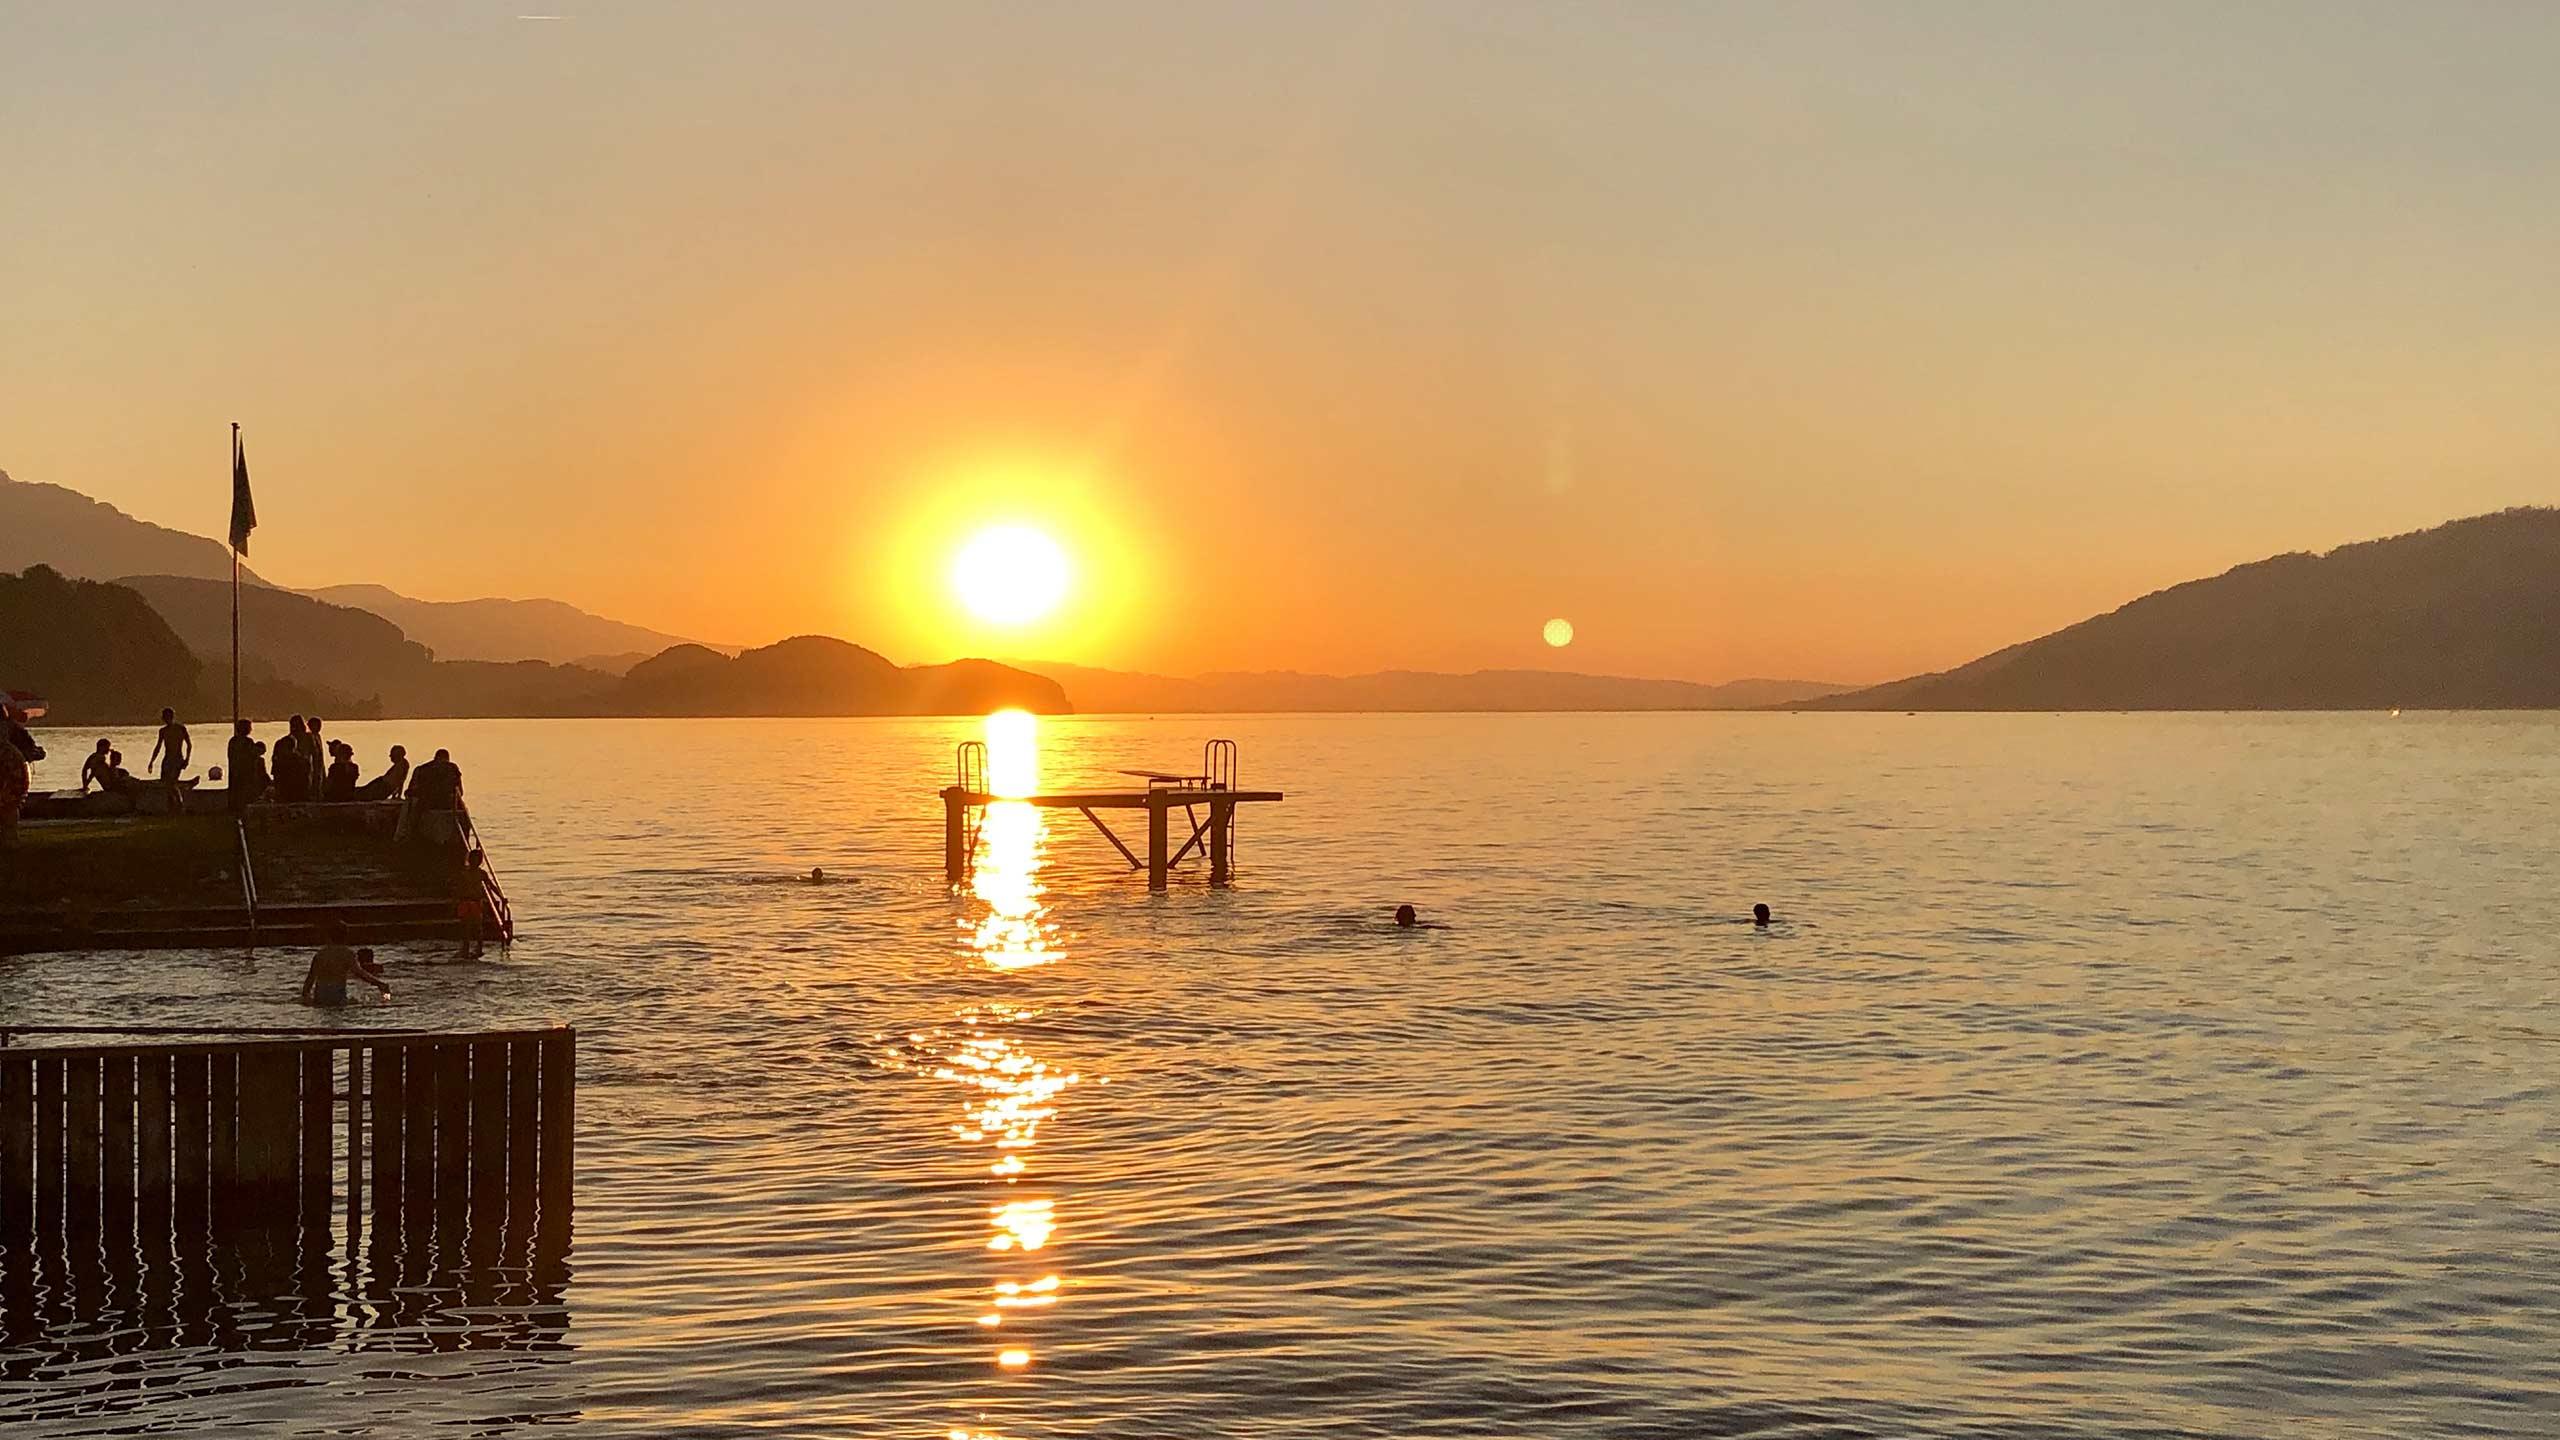 strandbad-leissigen-sommer-sonnenuntergang-badi-floss-thunersee.jpg